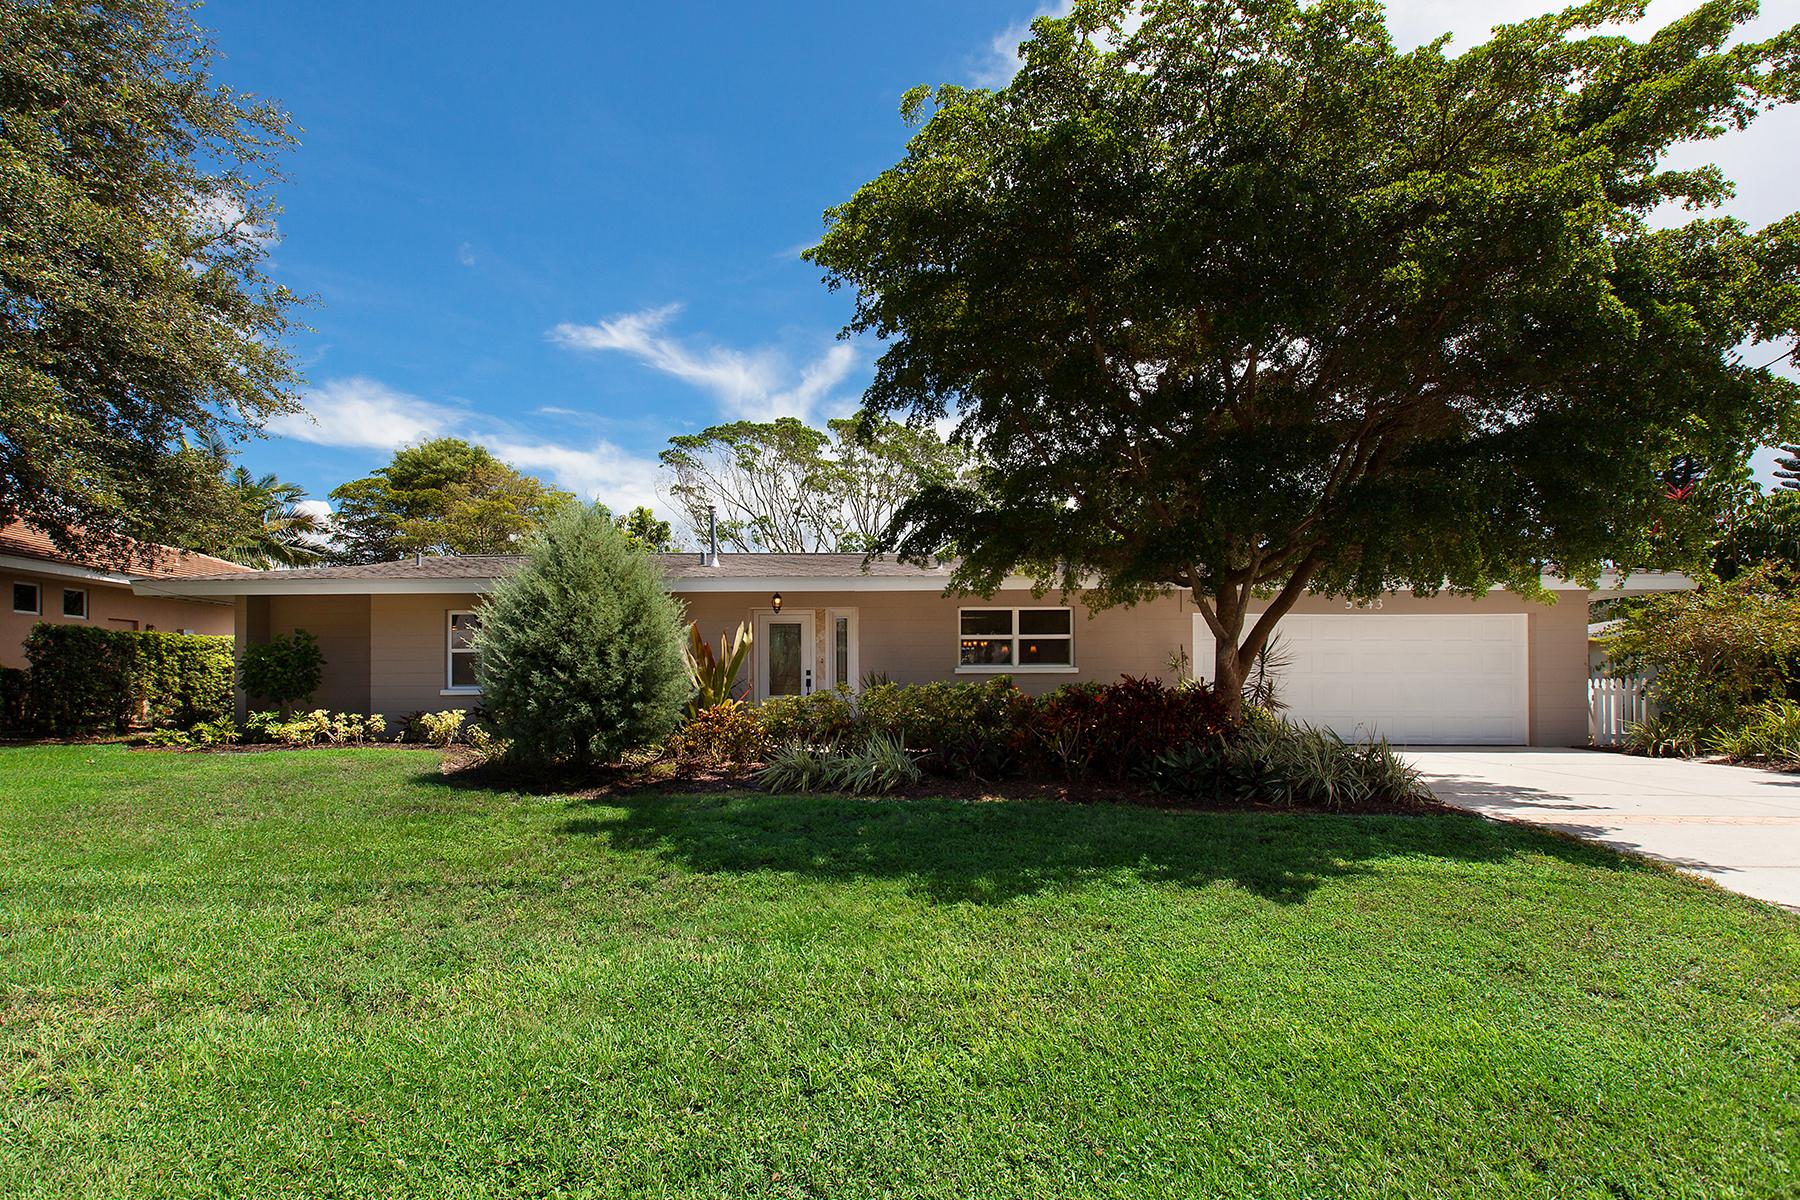 独户住宅 为 销售 在 RIVER FOREST 5343 Palos Verdes Dr 萨拉索塔, 佛罗里达州, 34231 美国